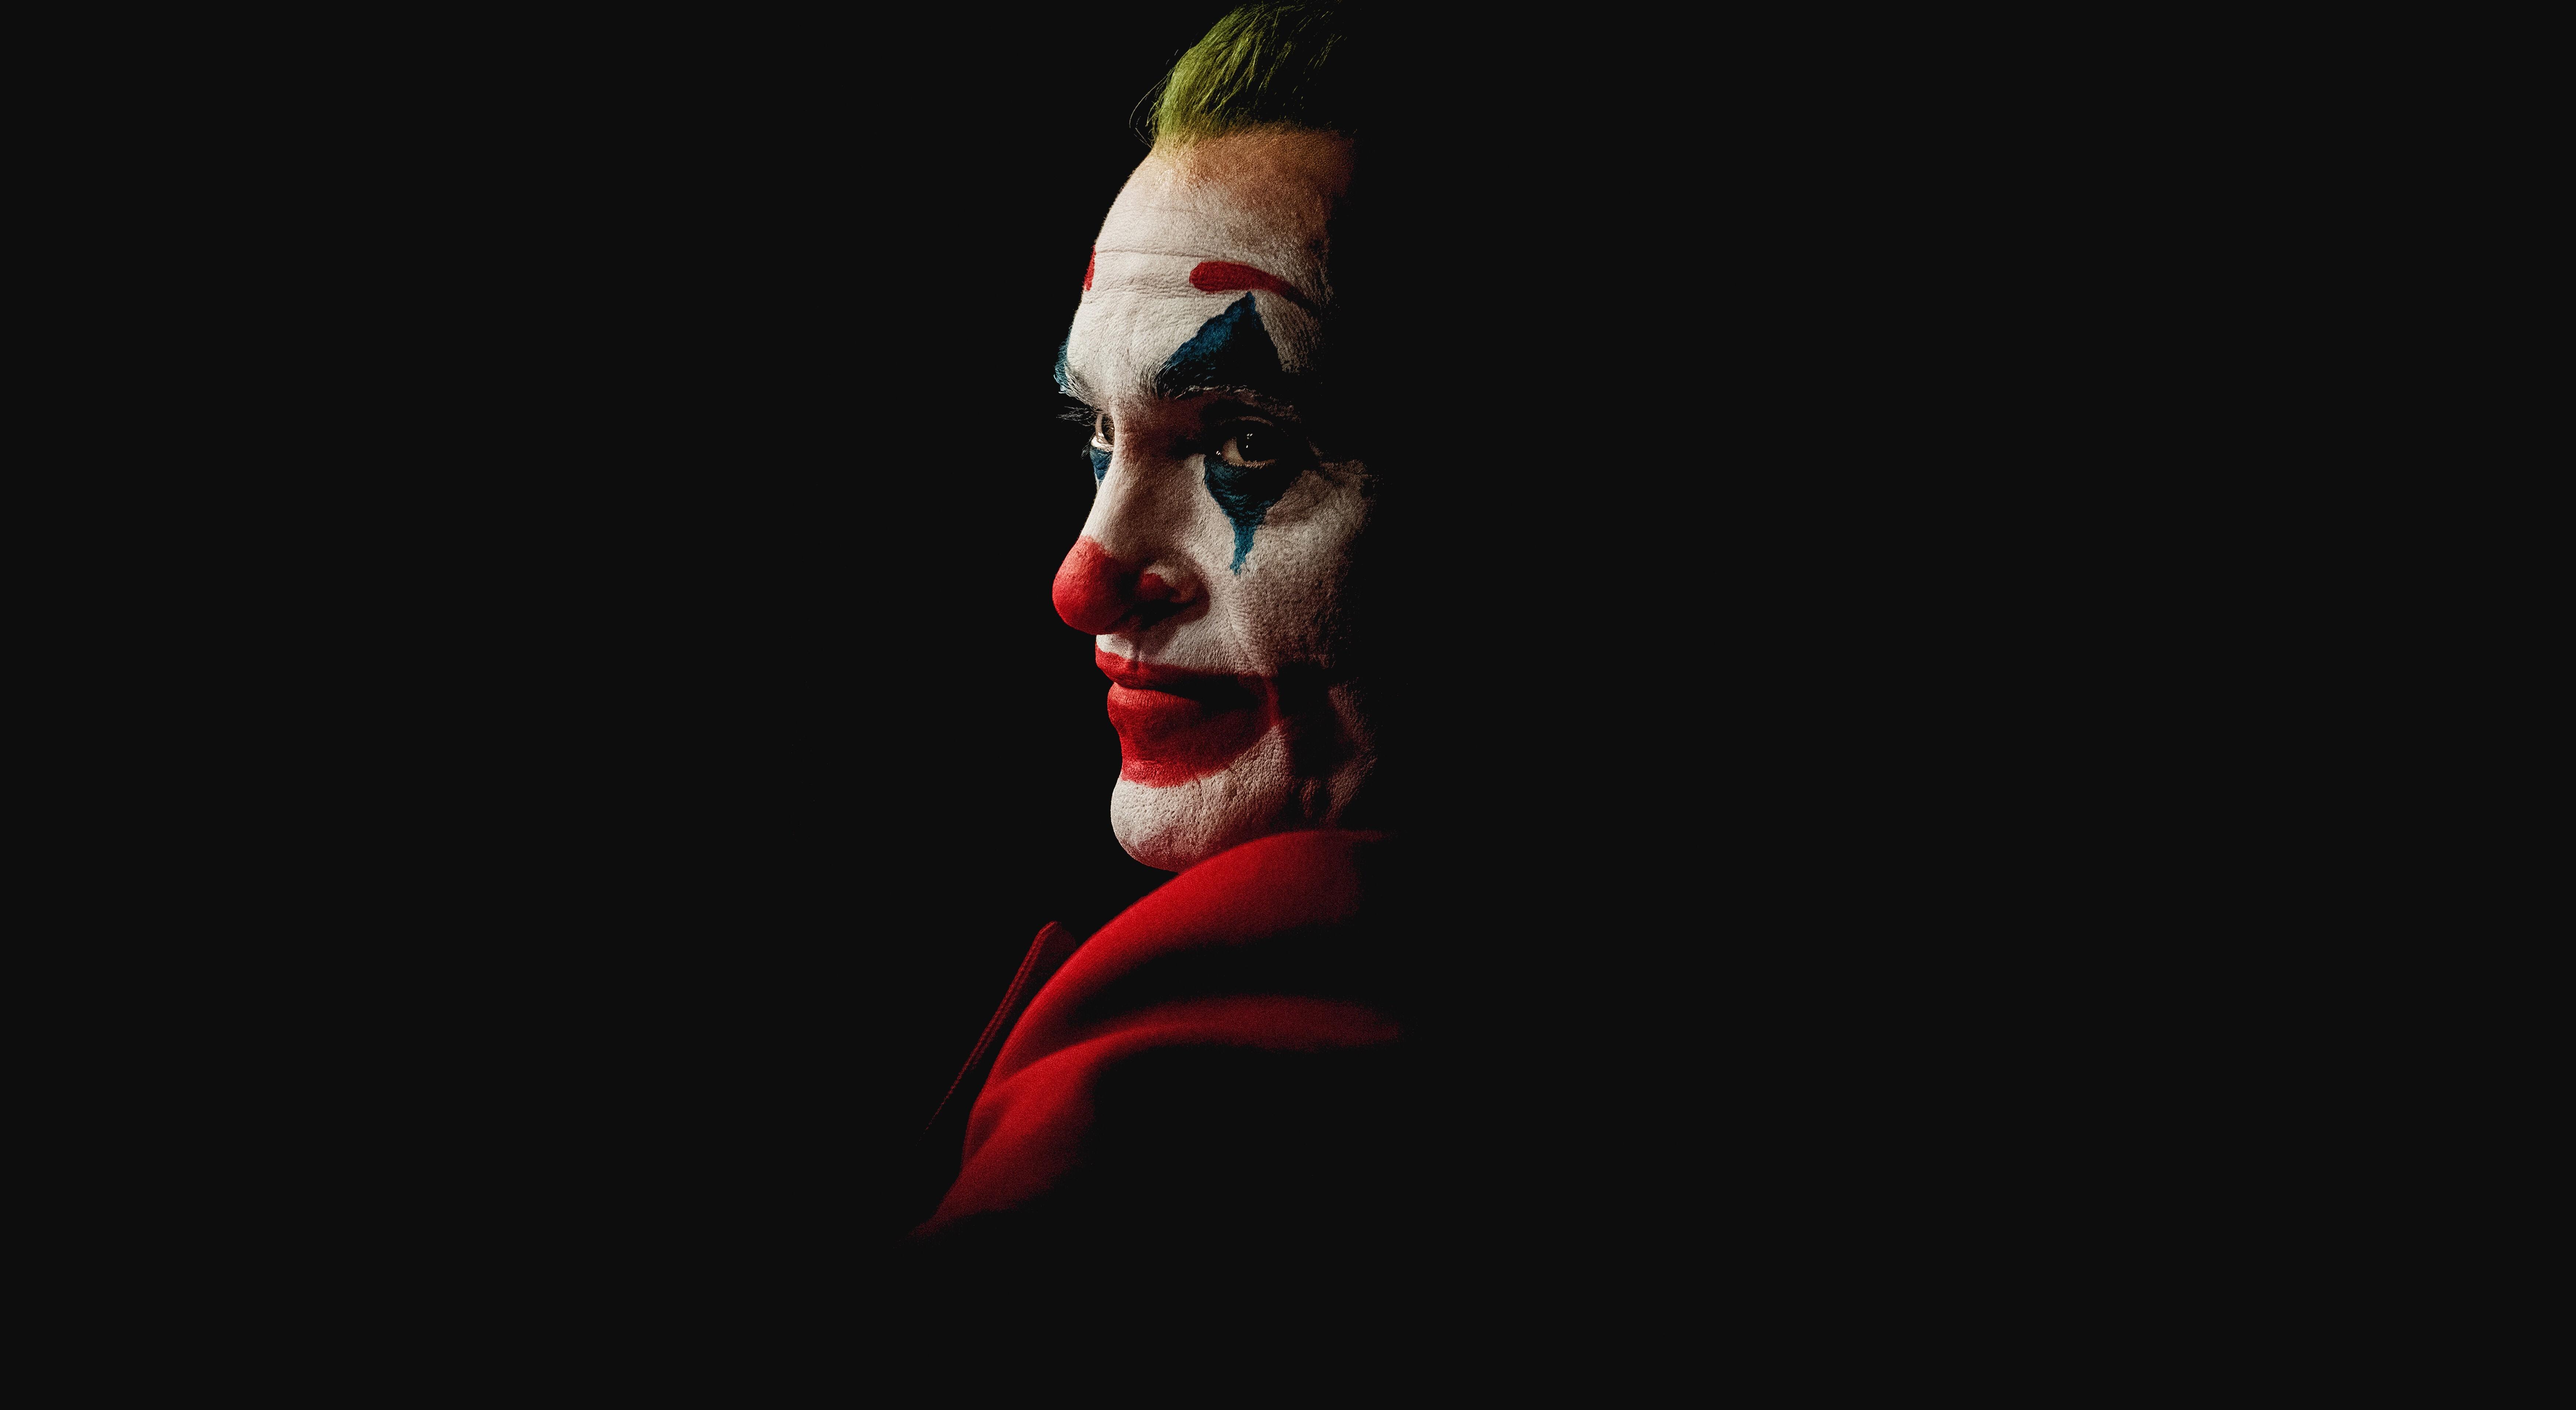 Joker 2019 Film 7k Wallpaper Hd Wallpapers